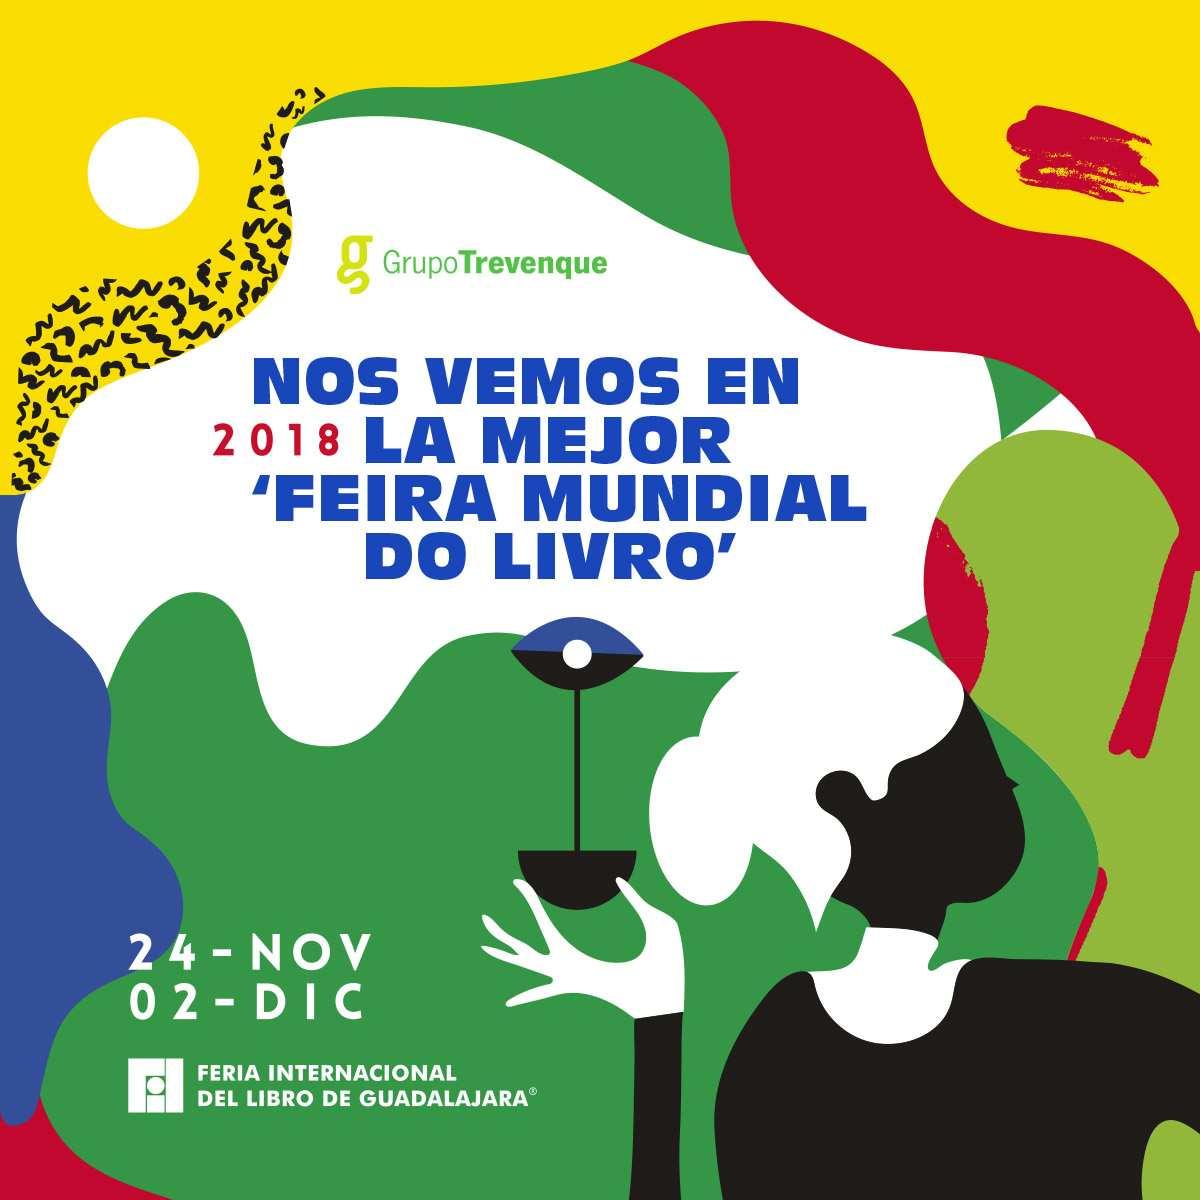 Estaremos presentes en la Feria Internacional del Libro de Guadalajara...